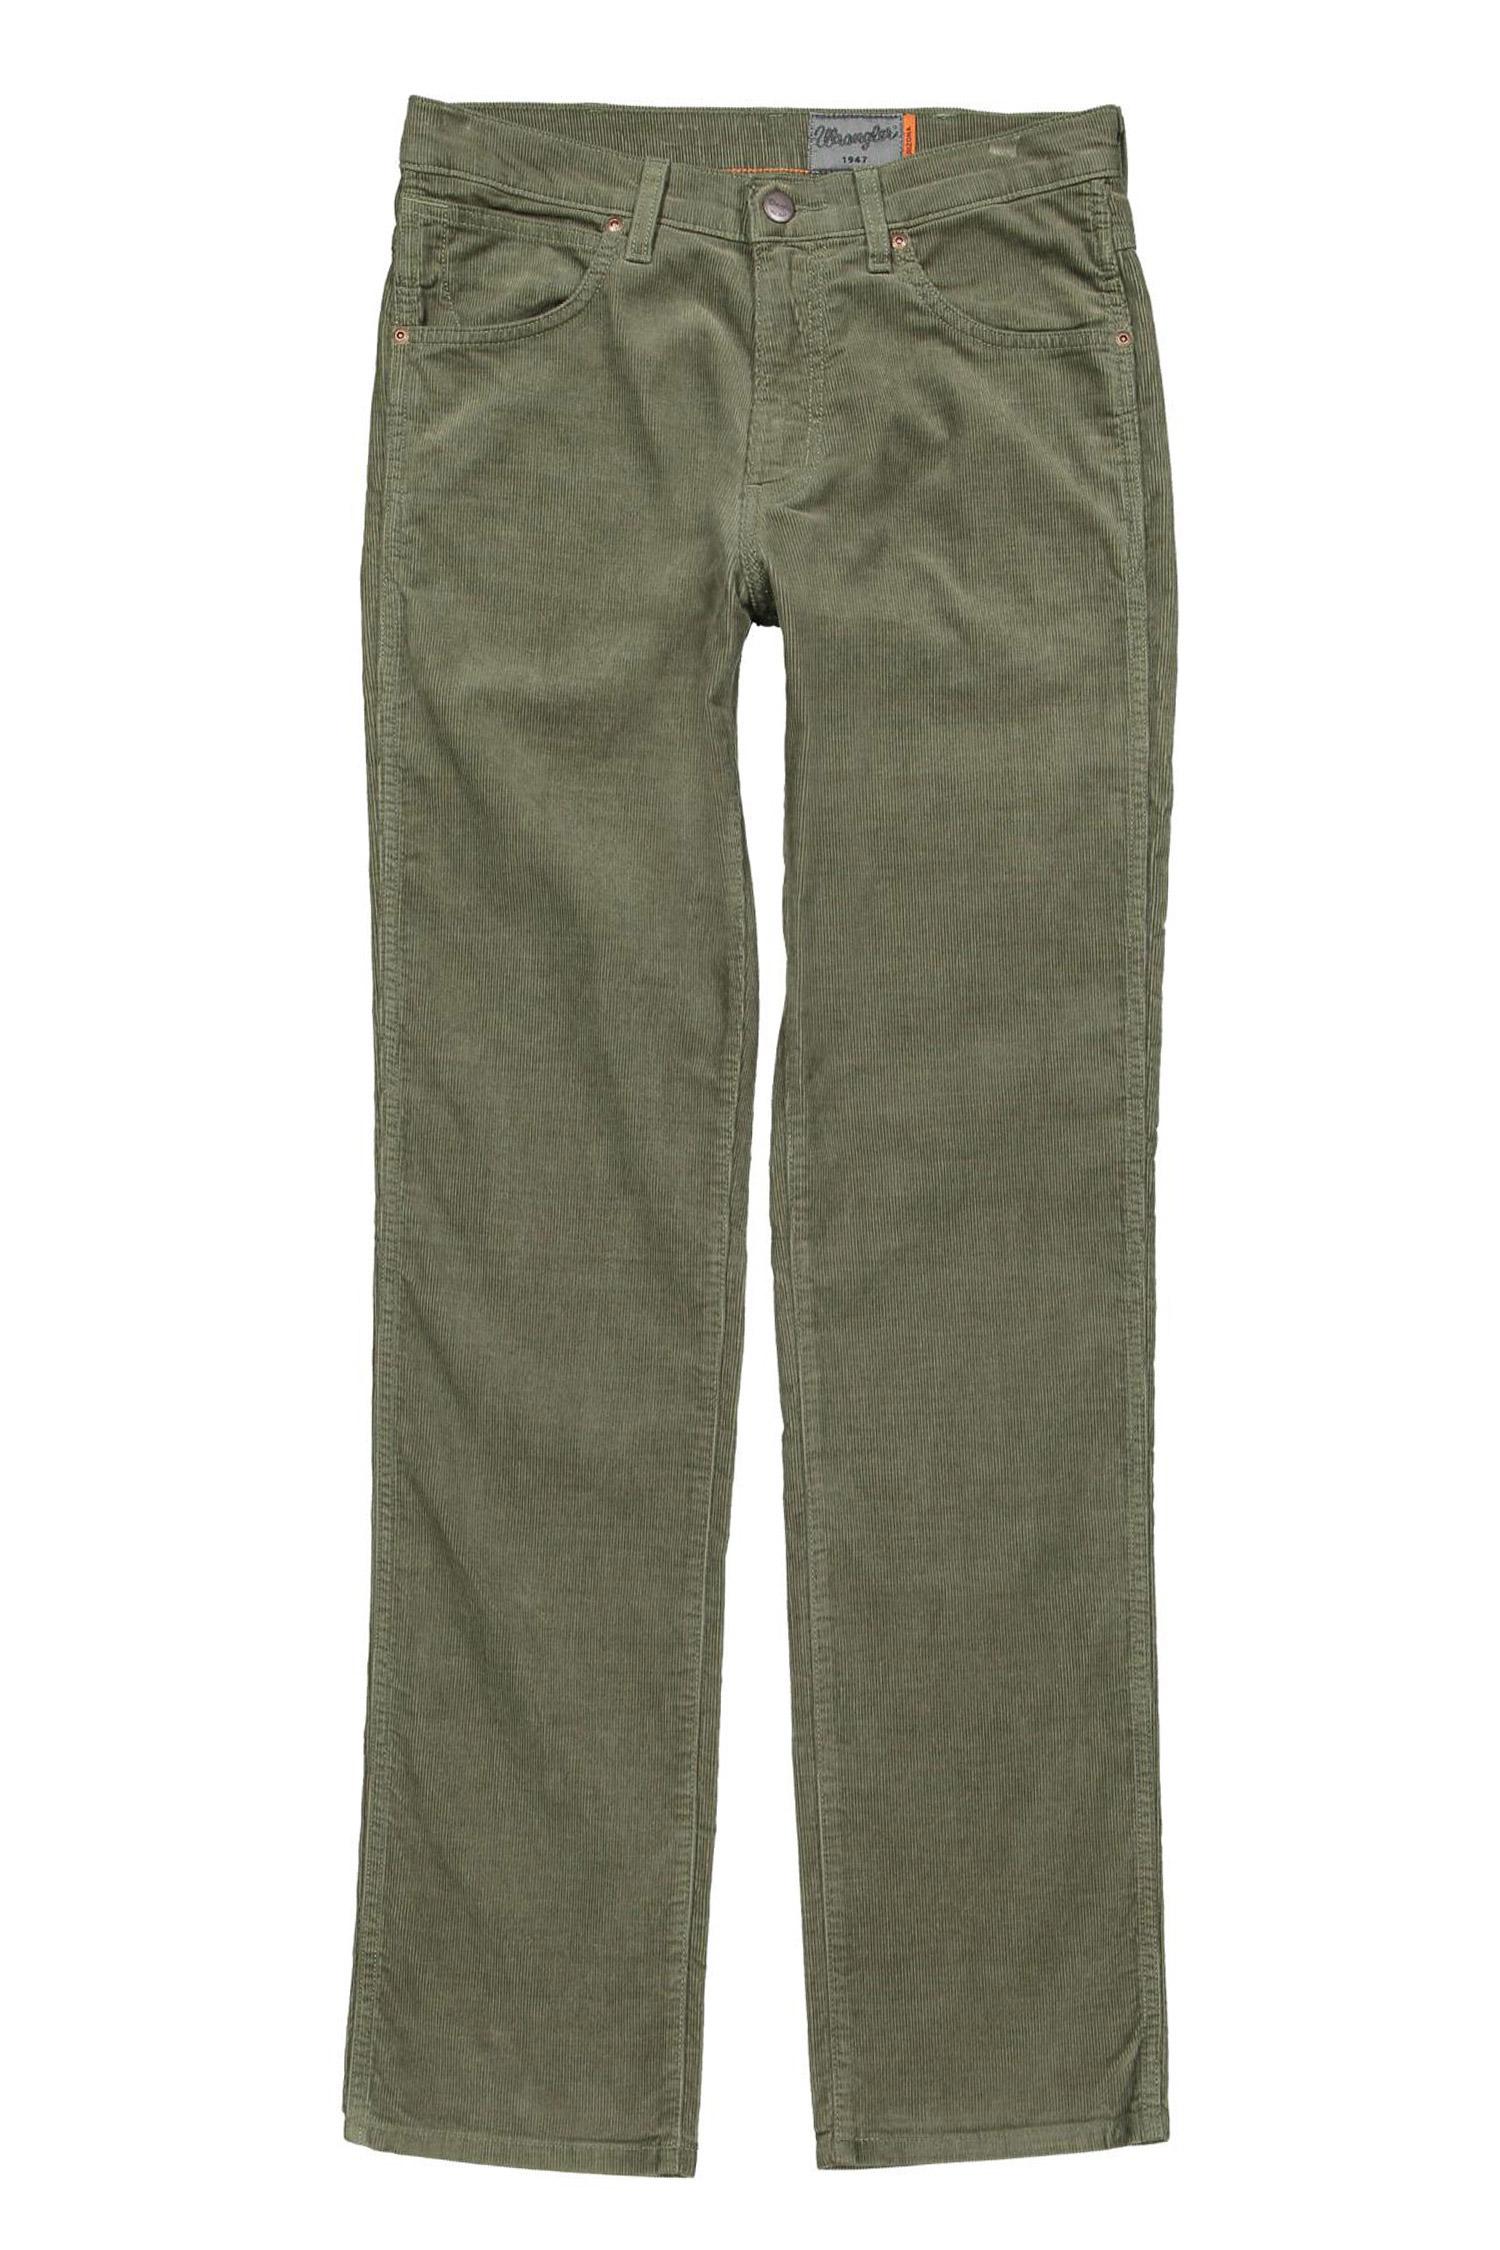 Pantalones, Sport, 109560, CAZA   Zoom